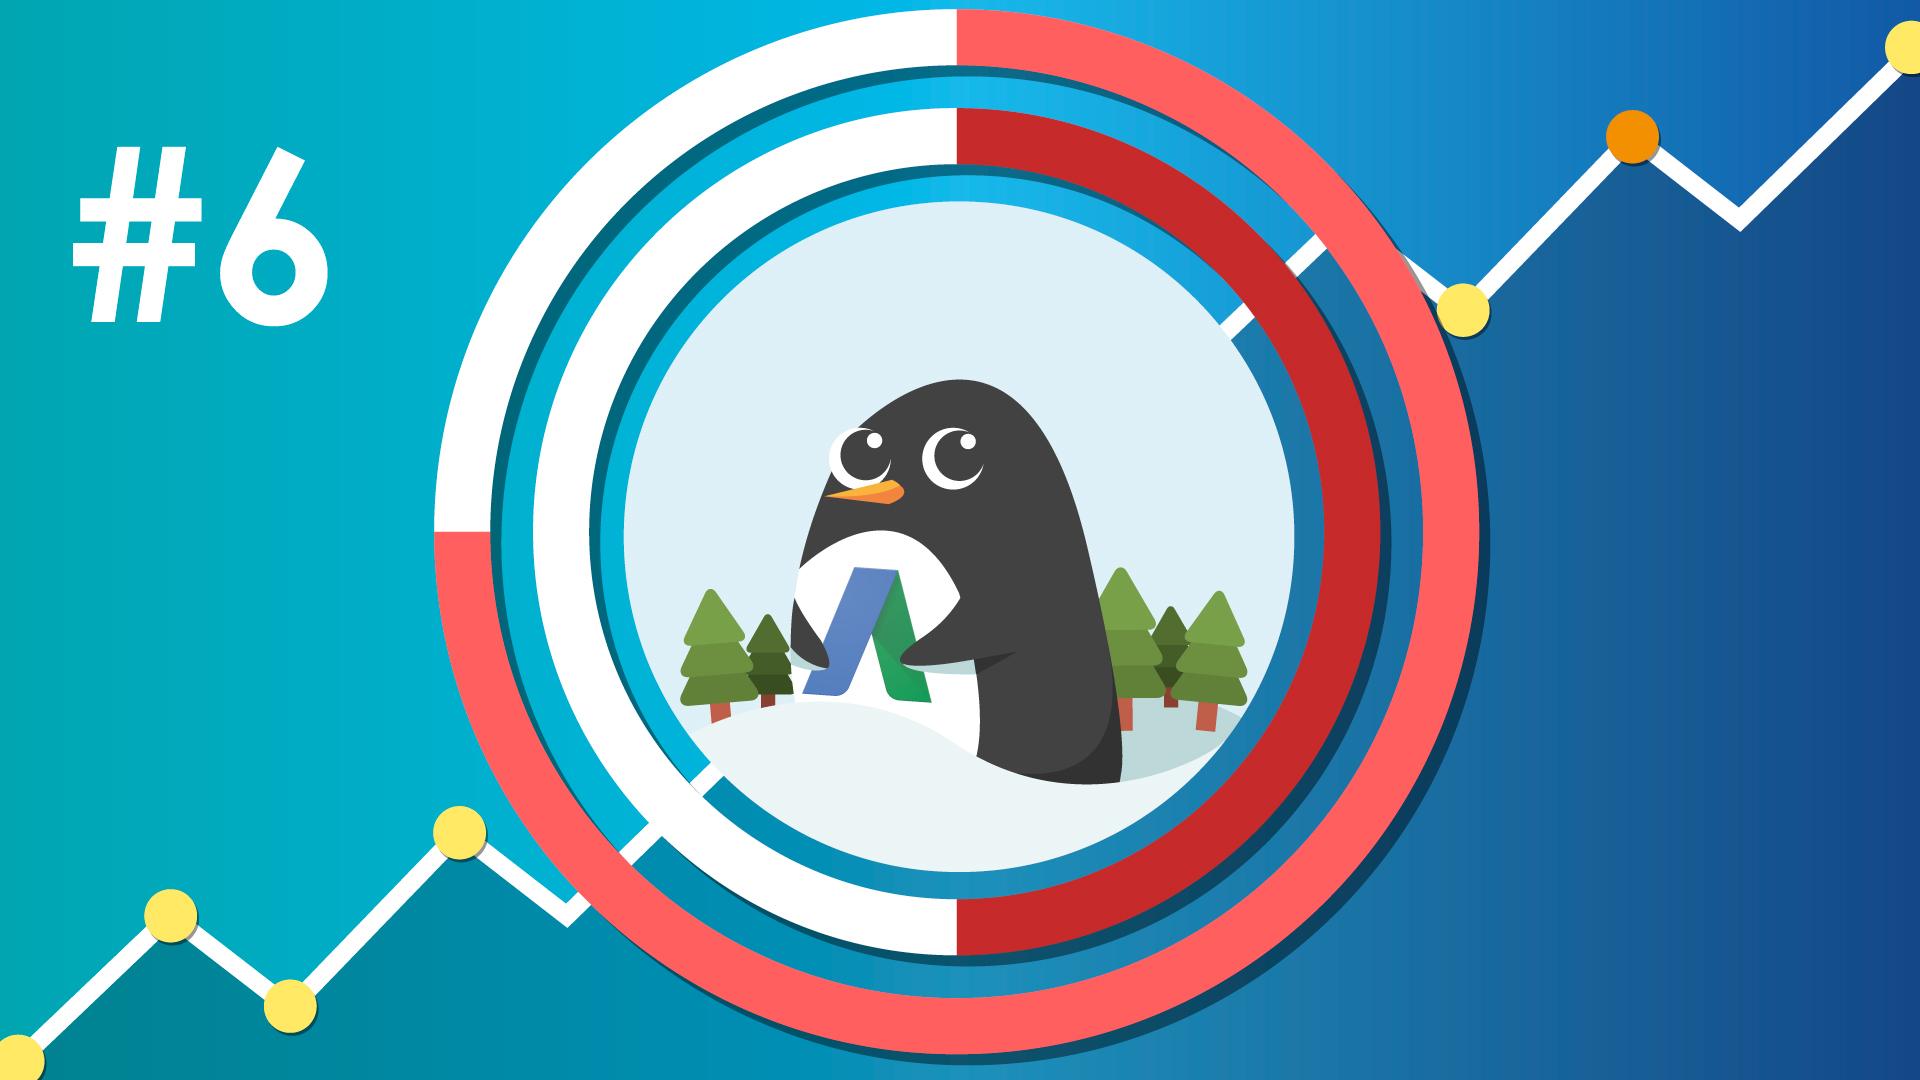 Гайд по Гугл Рекламе пингвин тим